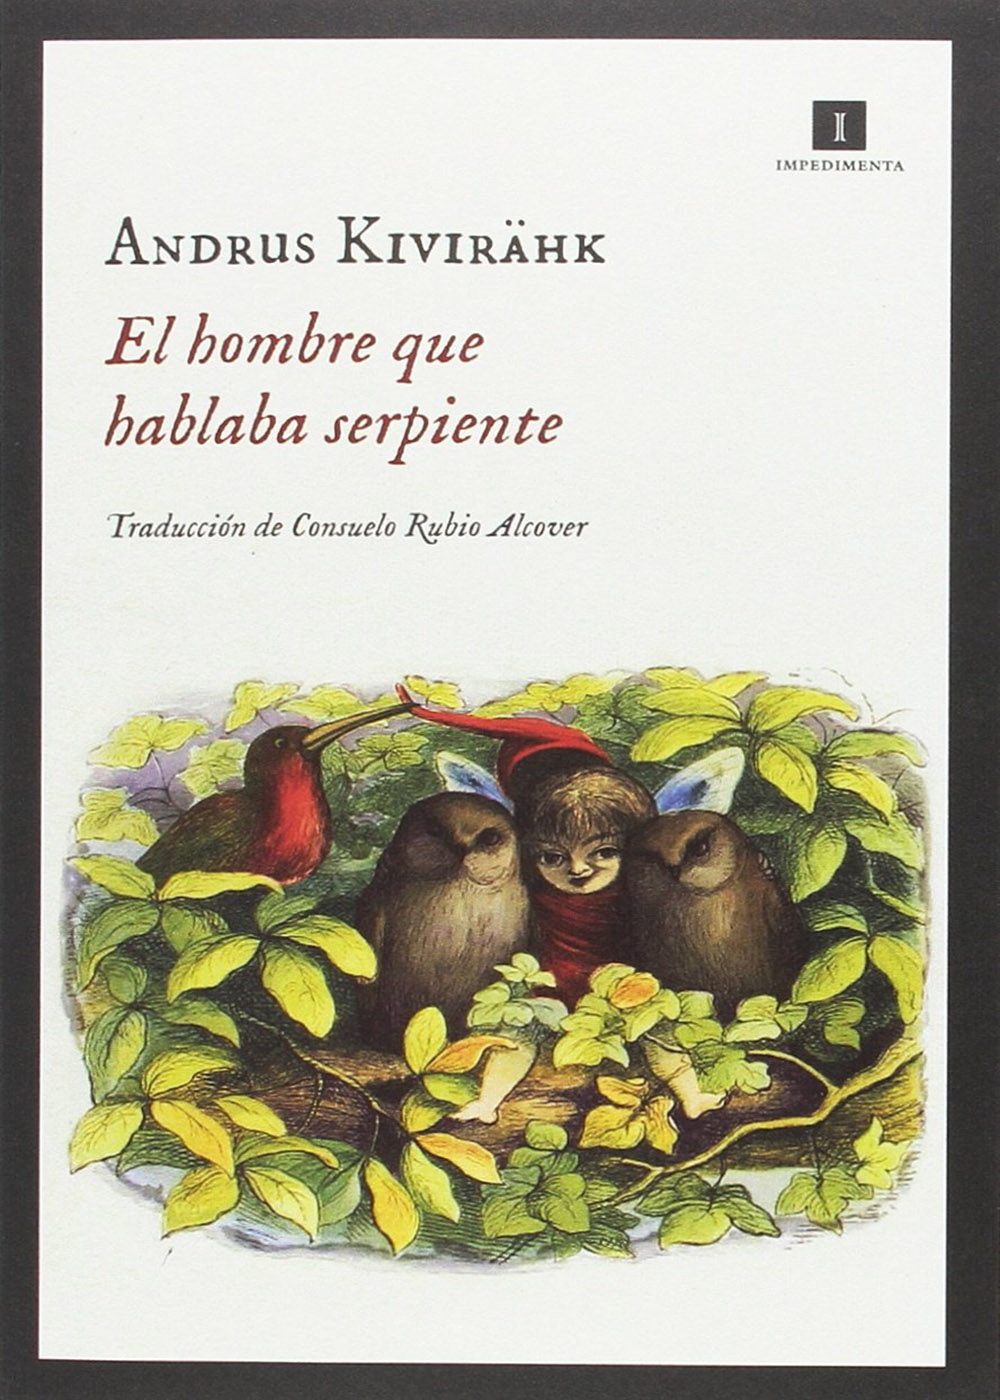 Andrus Kivirähk - El hombre que hablaba serpiente